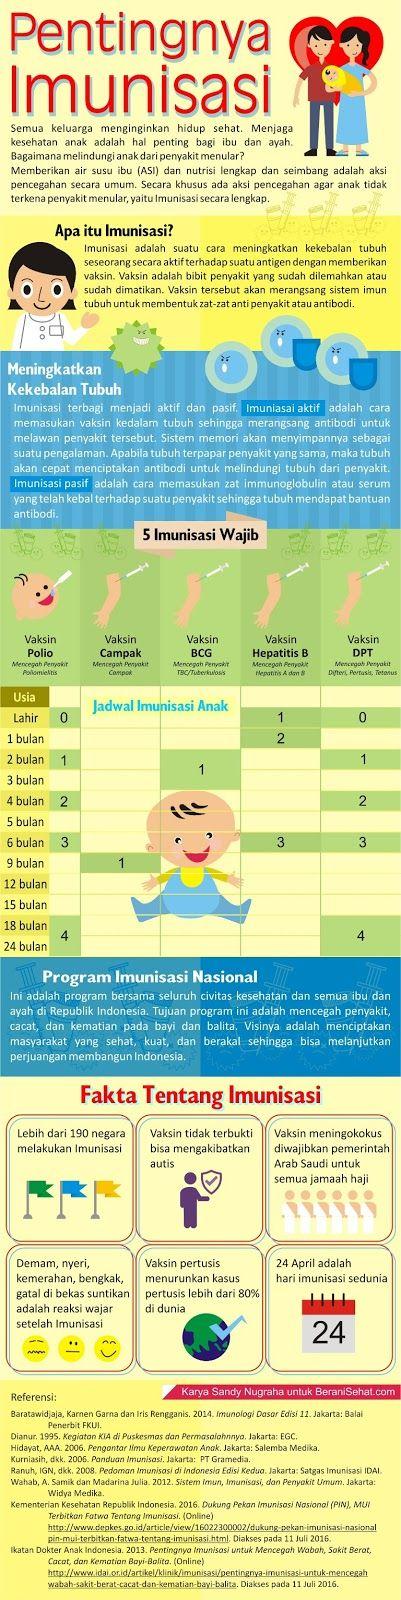 Pentingnya Imunisasi Bagi Kesehatan Ibu dan Anak - Infografis Kesehatan